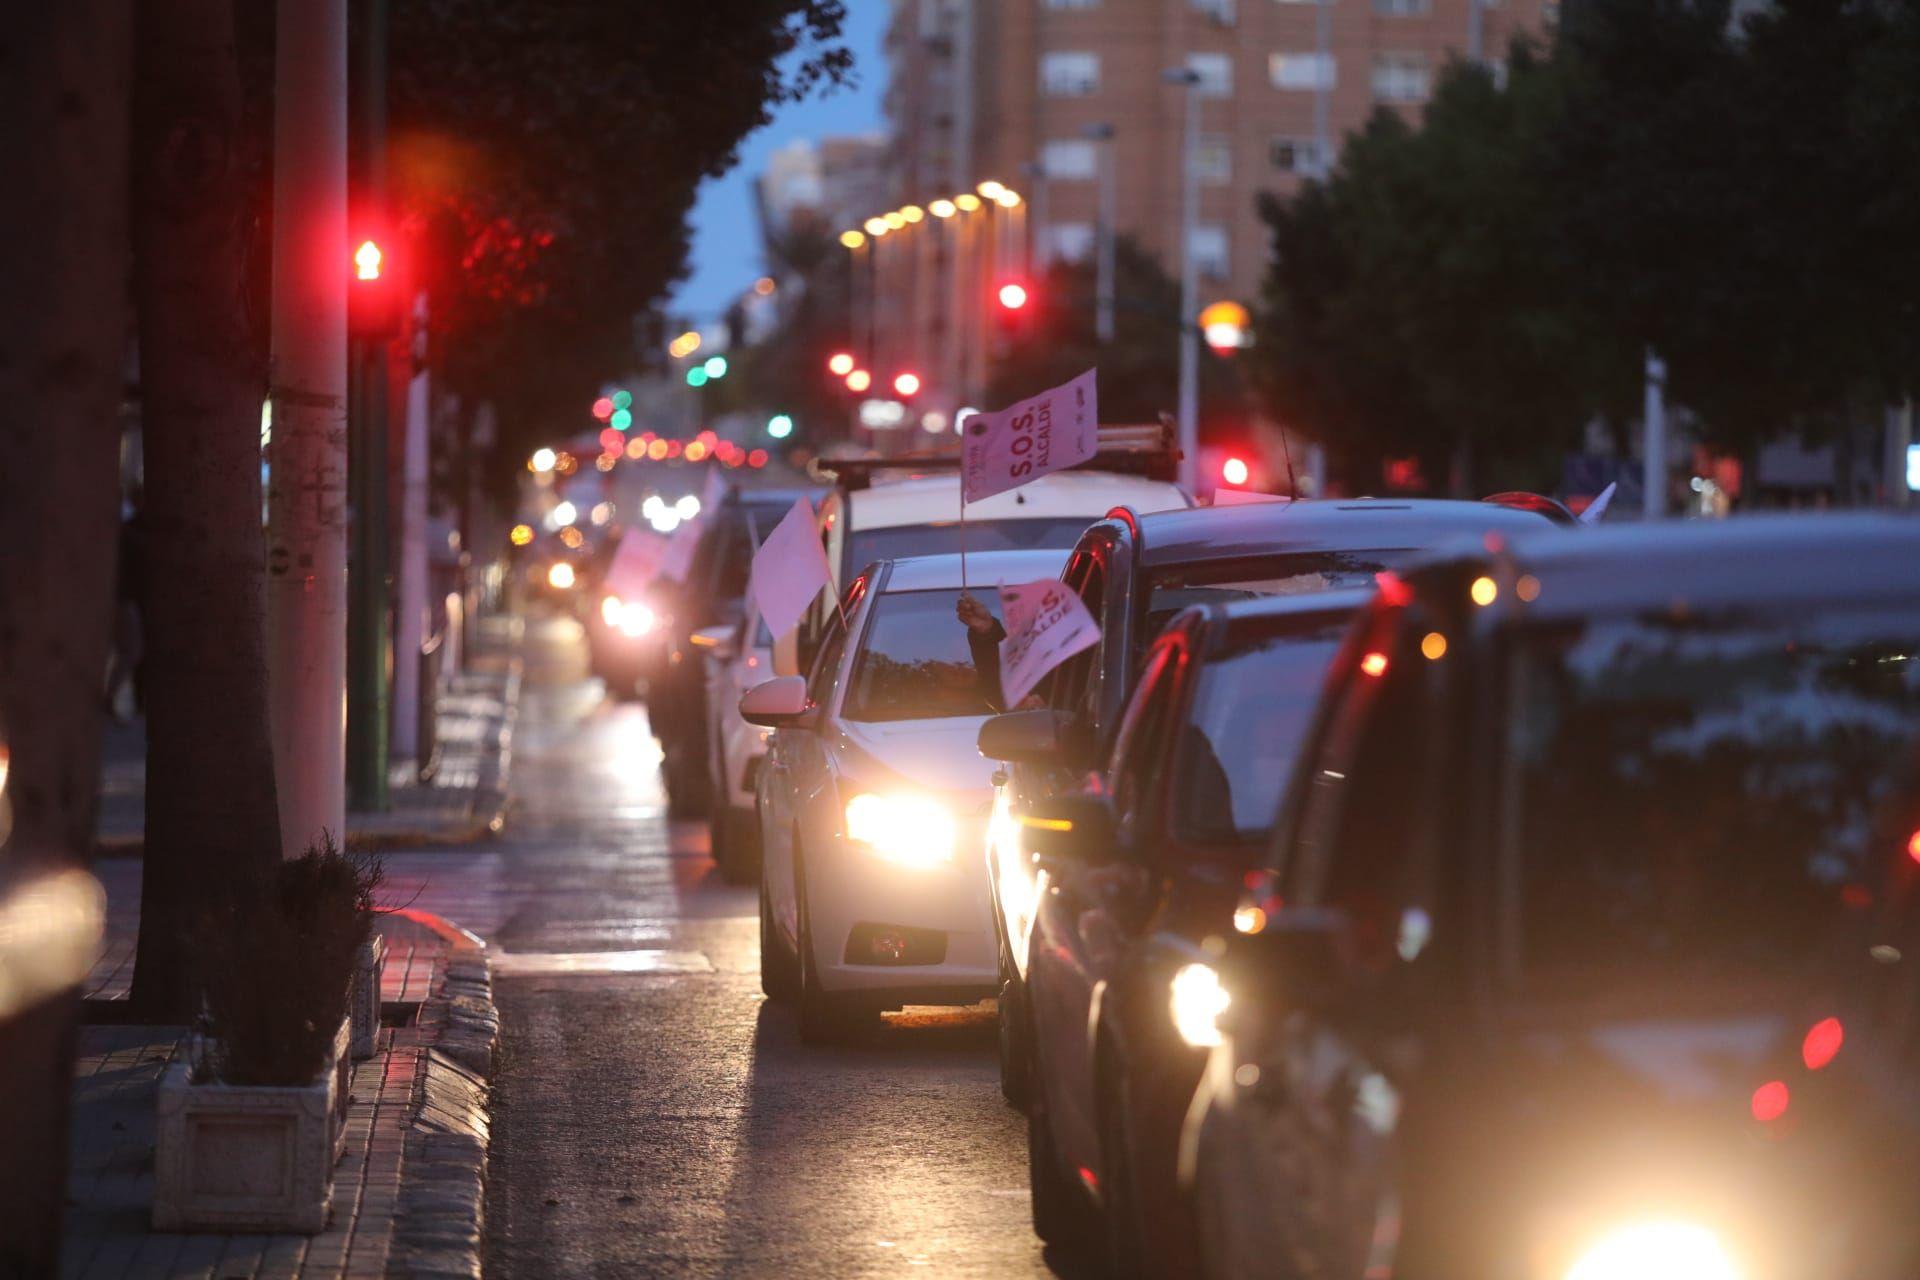 La hostelería colapsa Elche en su protesta contra el cierre total